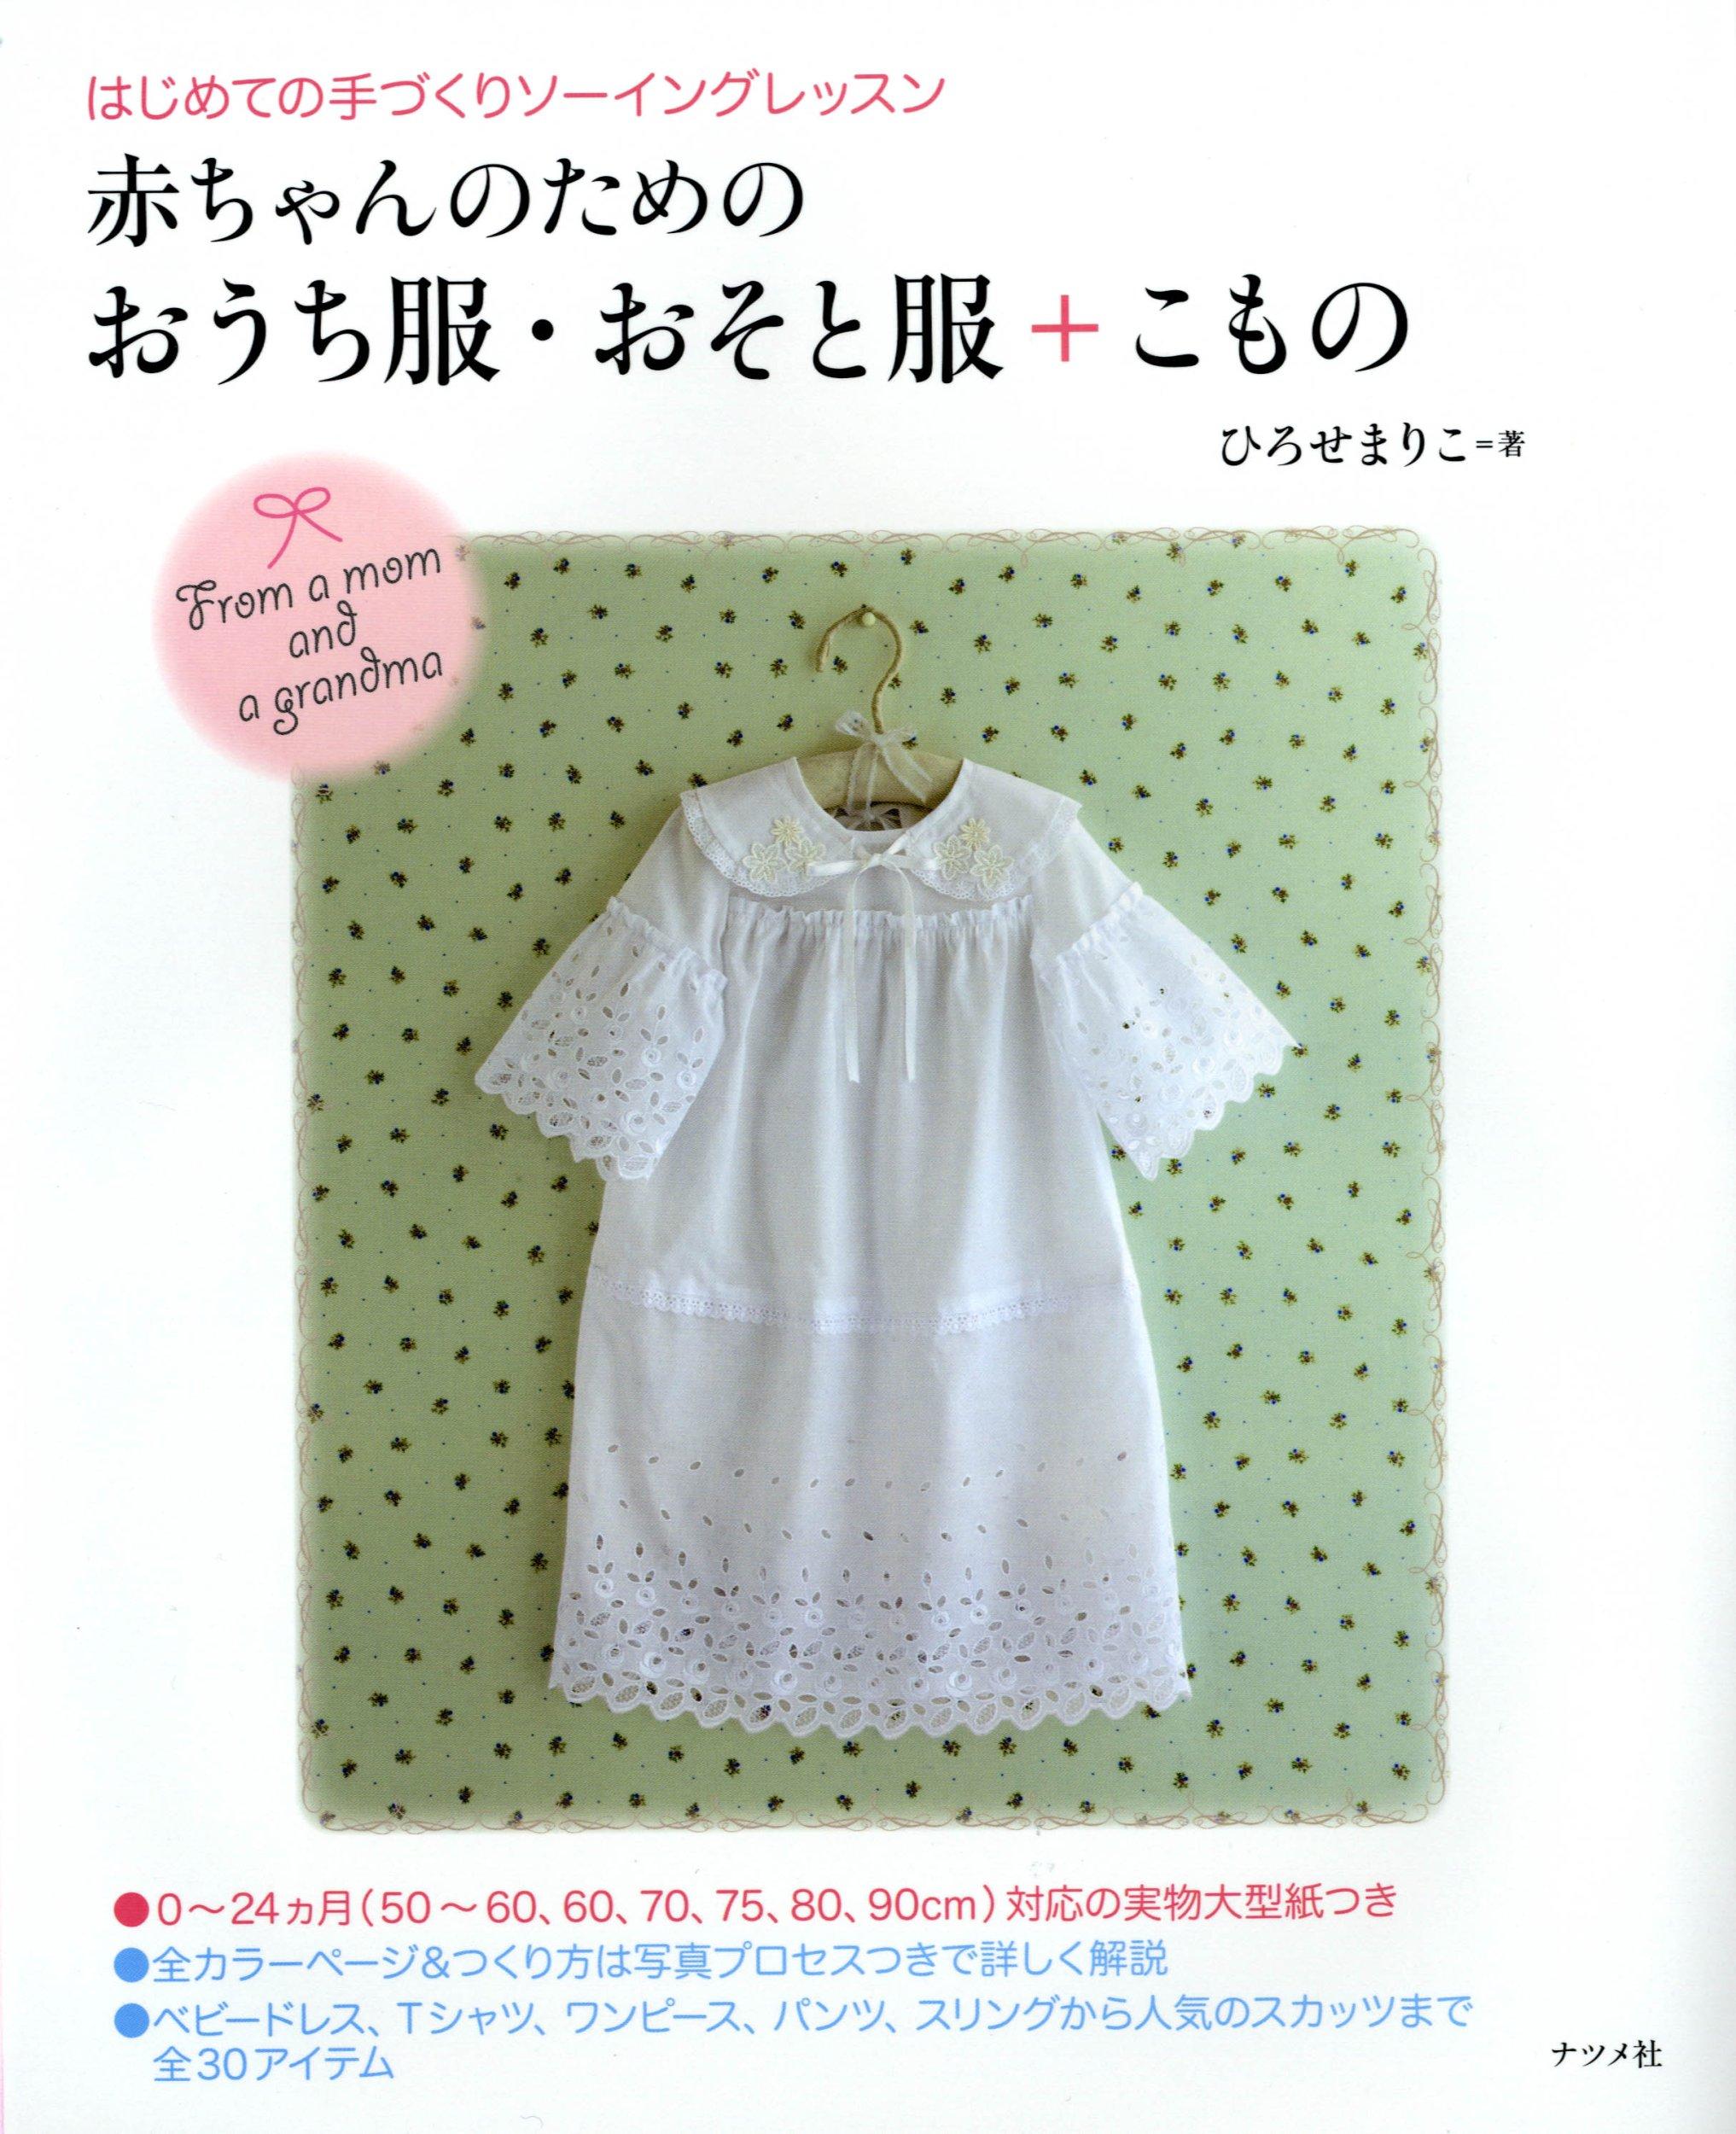 0e50ba99b2c067 赤ちゃんのための おうち服・おそと服+こもの | ひろせ まりこ |本 | 通販 | Amazon